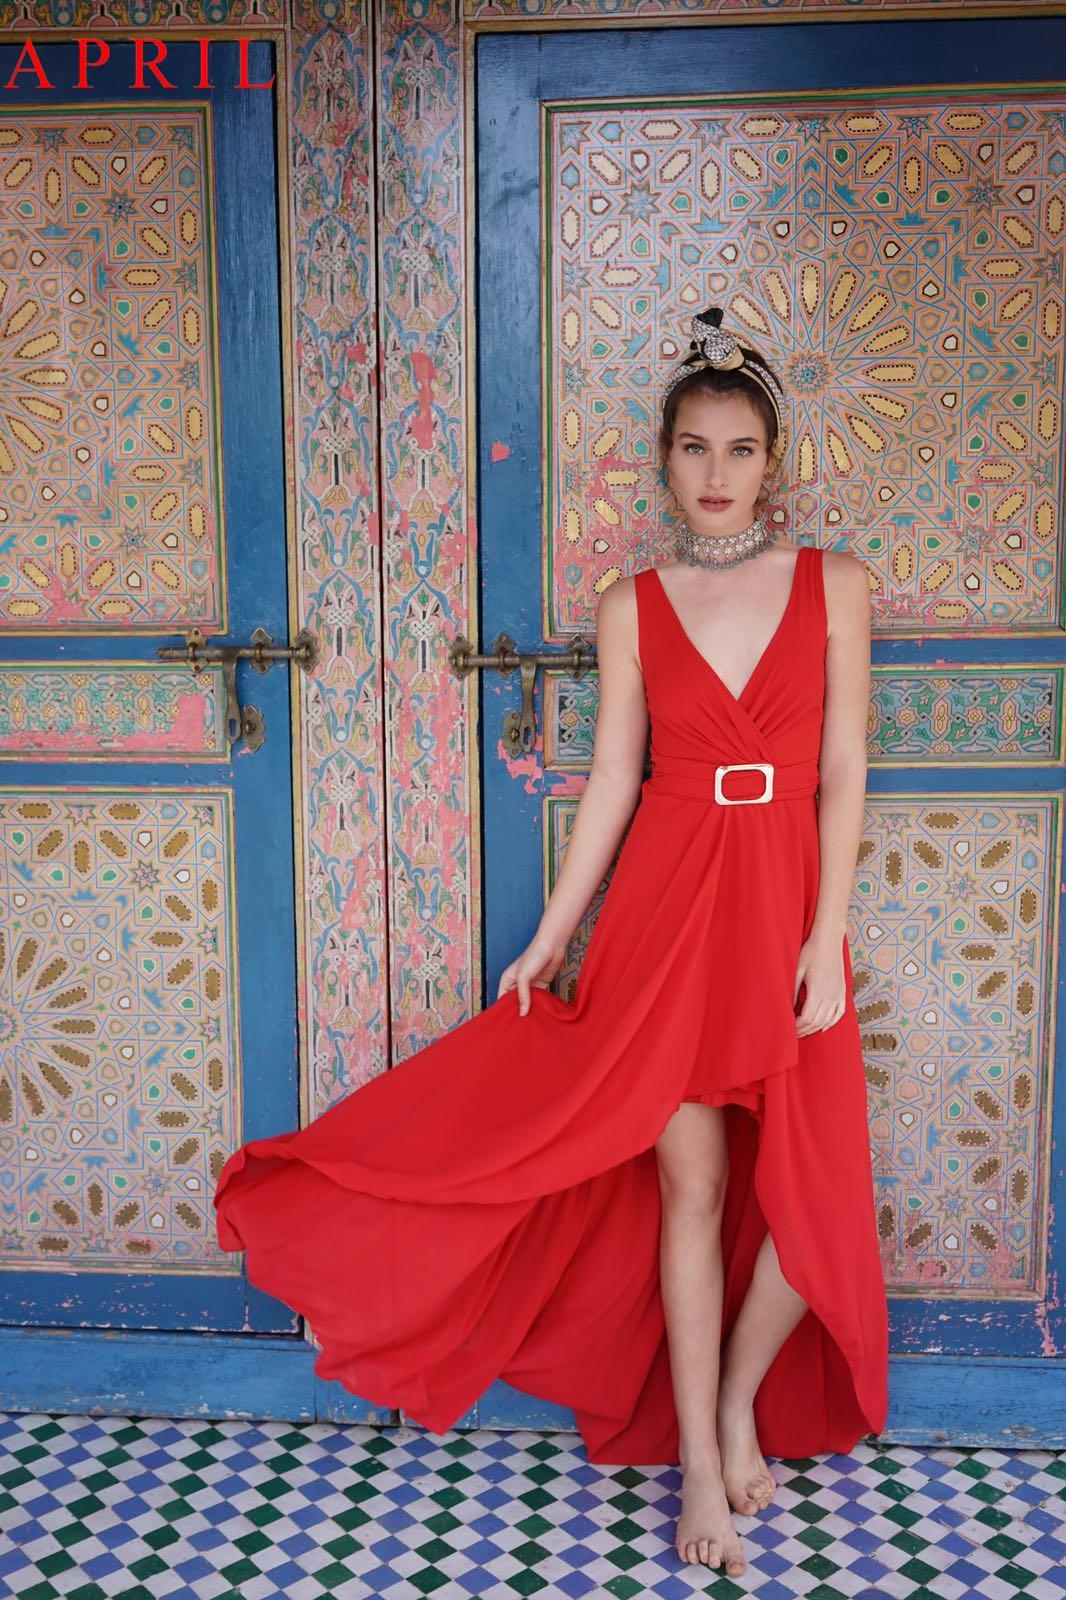 אפריל. קולקציית שמלות פרום צילום -אלון שפרנסקי